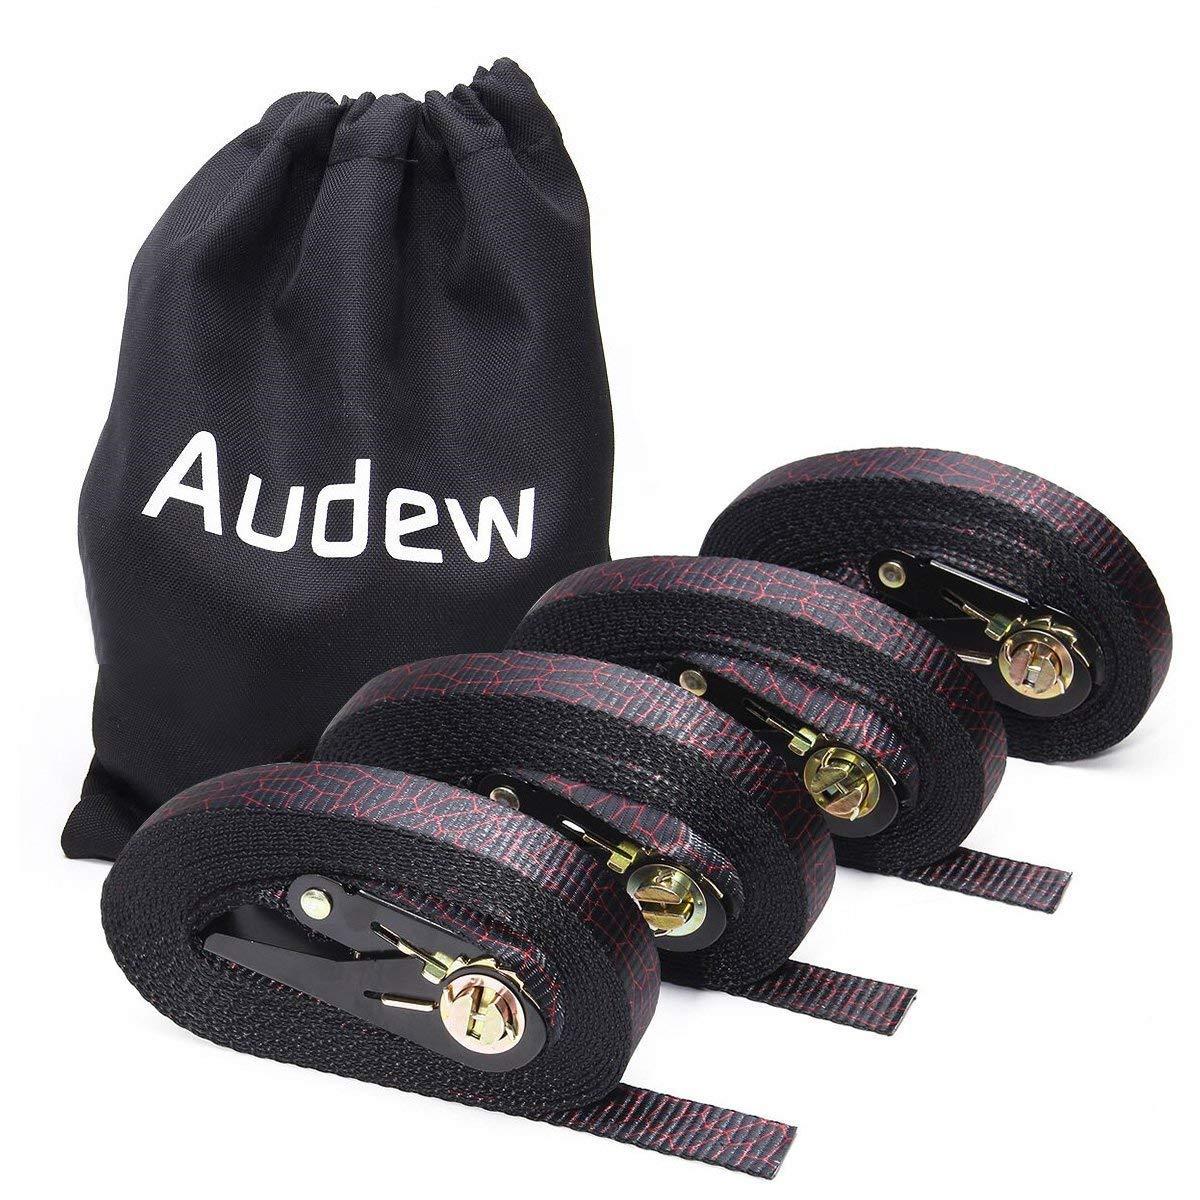 Audew Ratchet Tie Down Straps 4 Pack Ratchet Straps 20 FT-2400Lb Break Strength Cargo Straps, Heavy Duty Lashing Straps by Audew (Image #1)